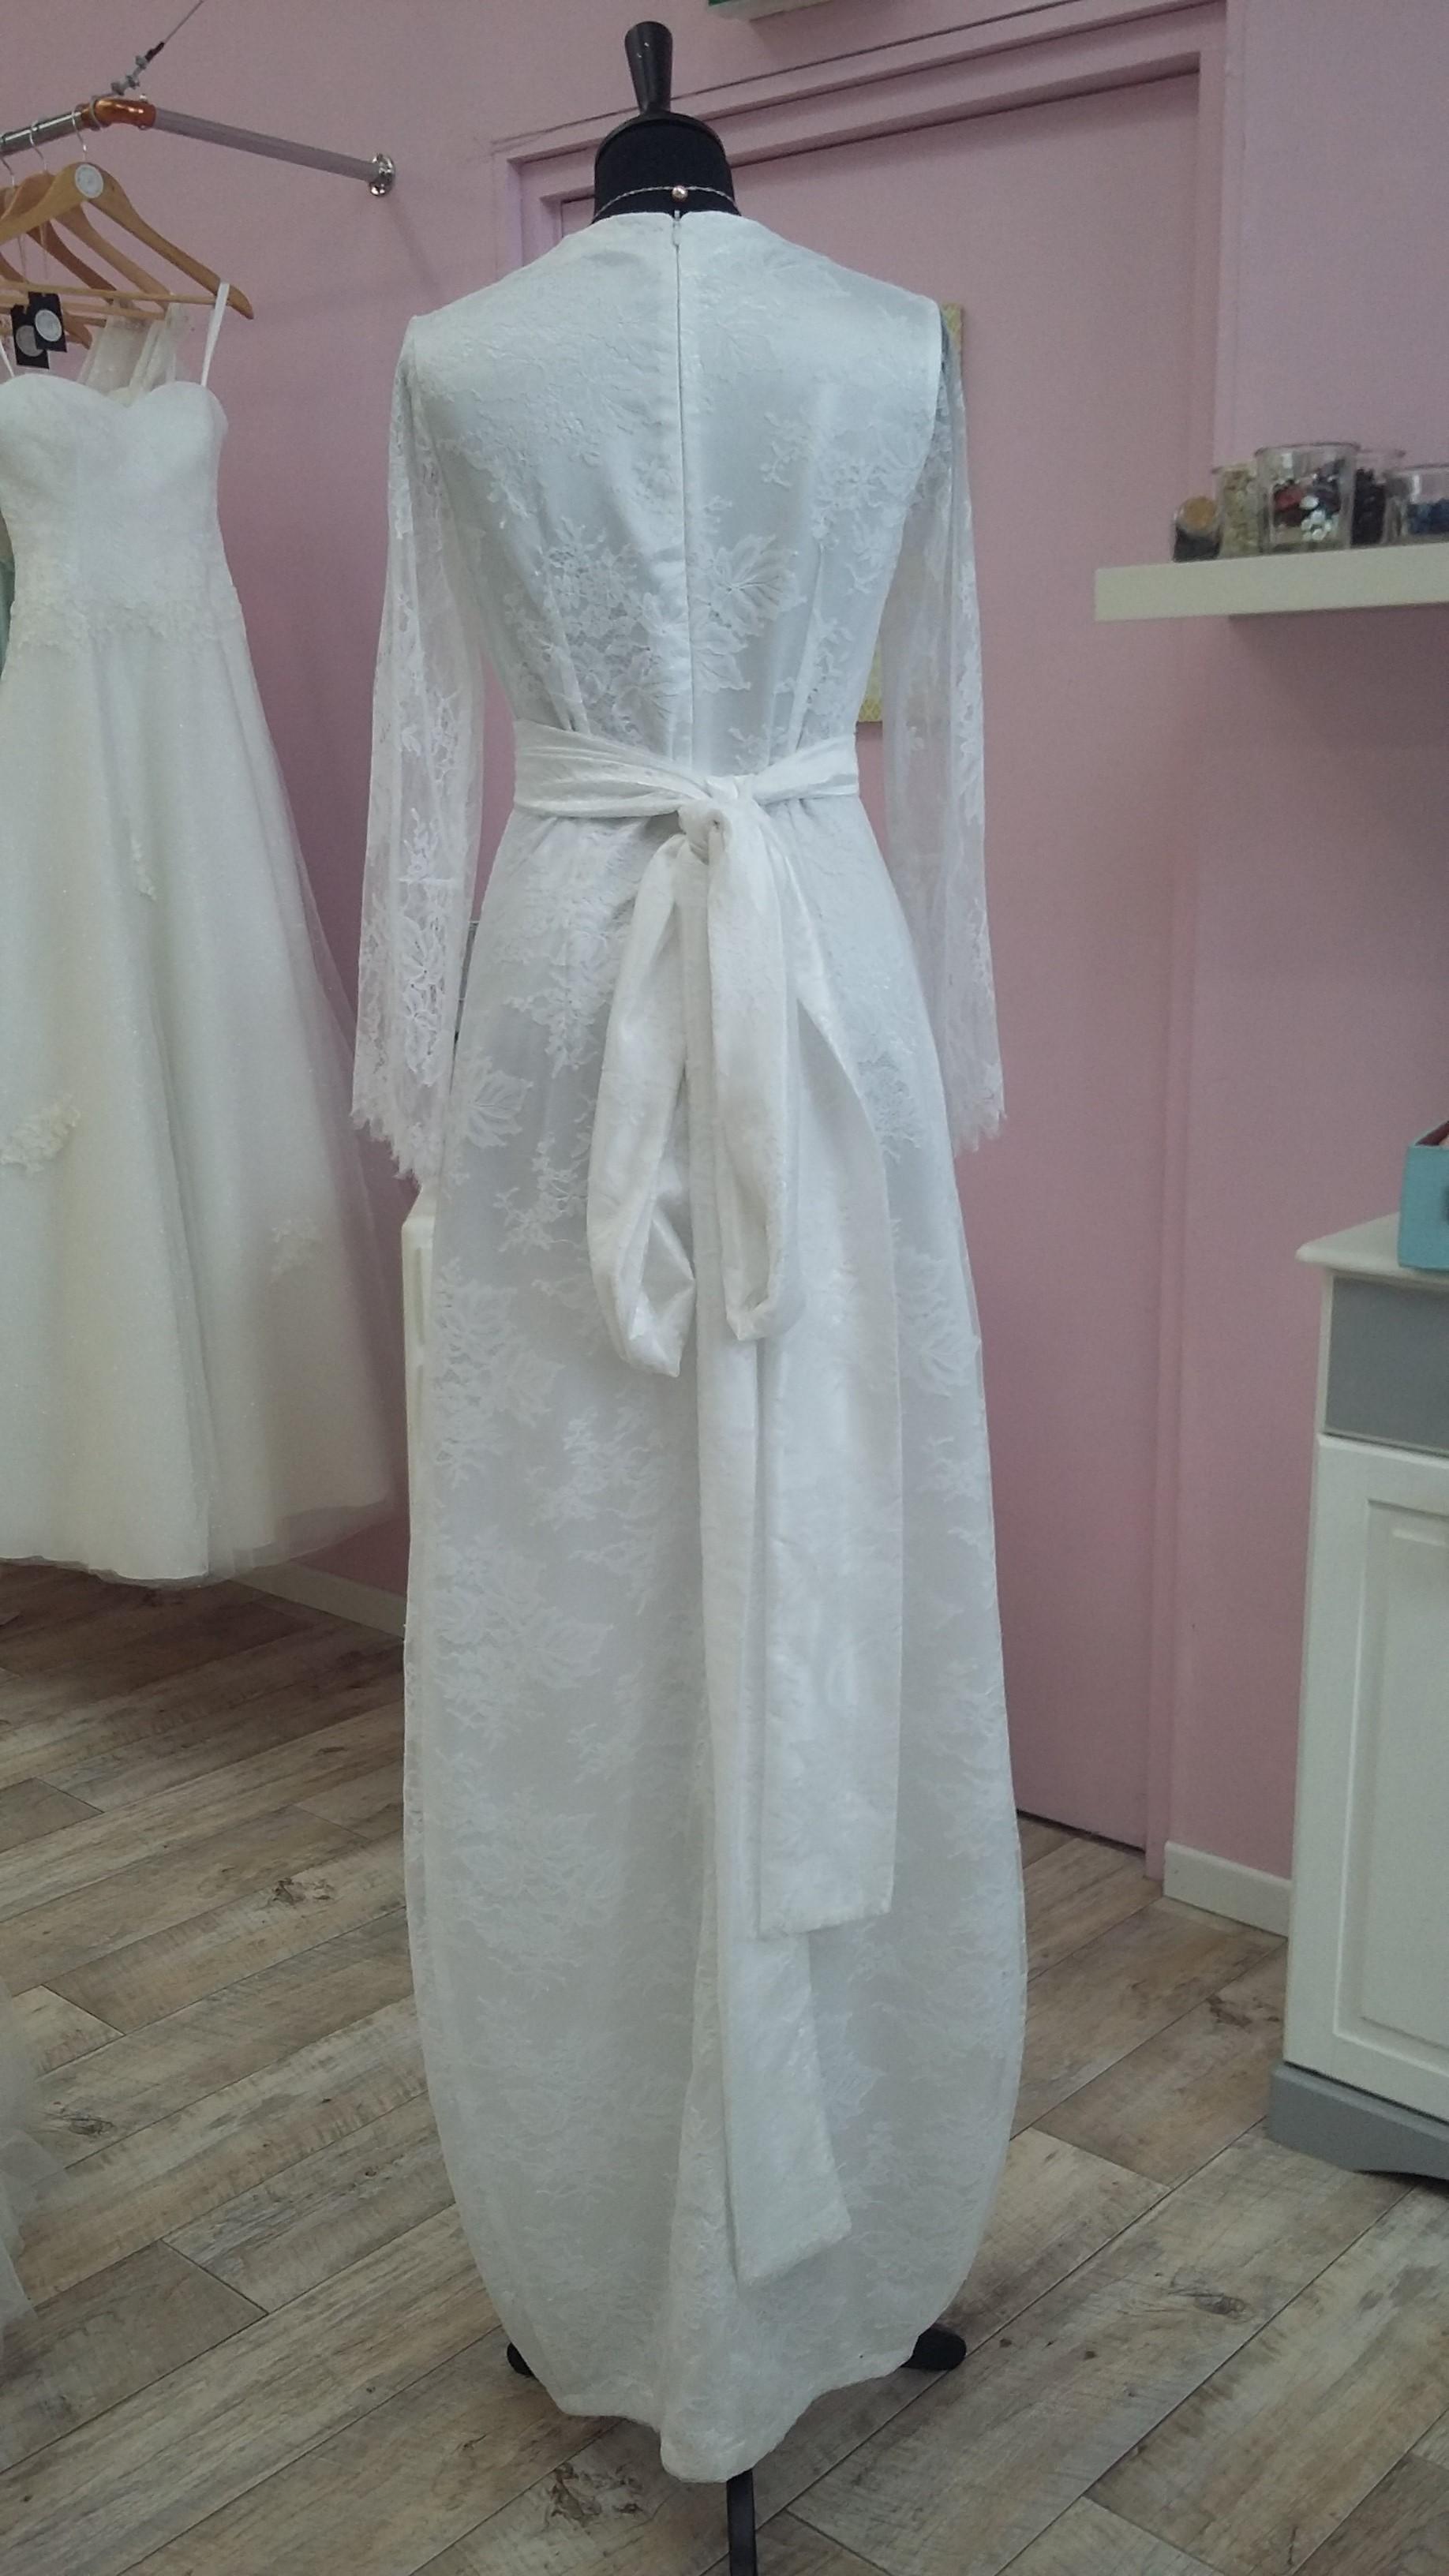 Robe de mariée à domicile - CHANTILLY - Robe fluide et legere - Cholet - boutique de mariage - créateur